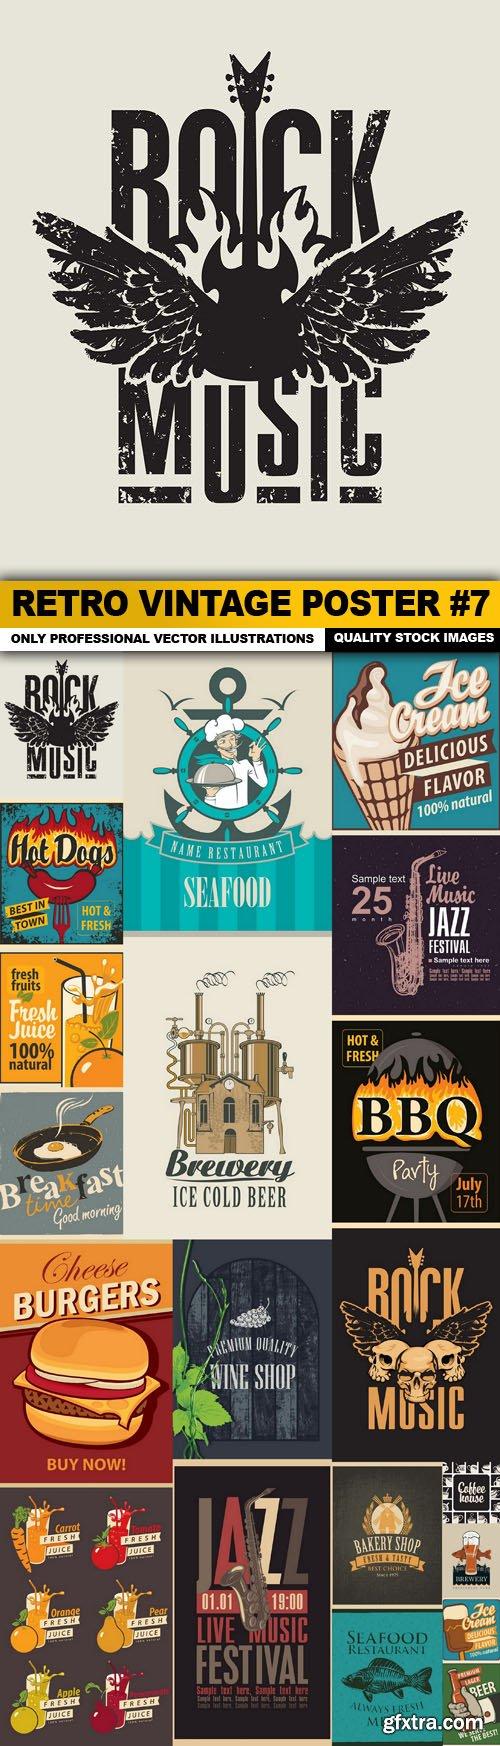 Retro Vintage Poster #7 - 20 Vector